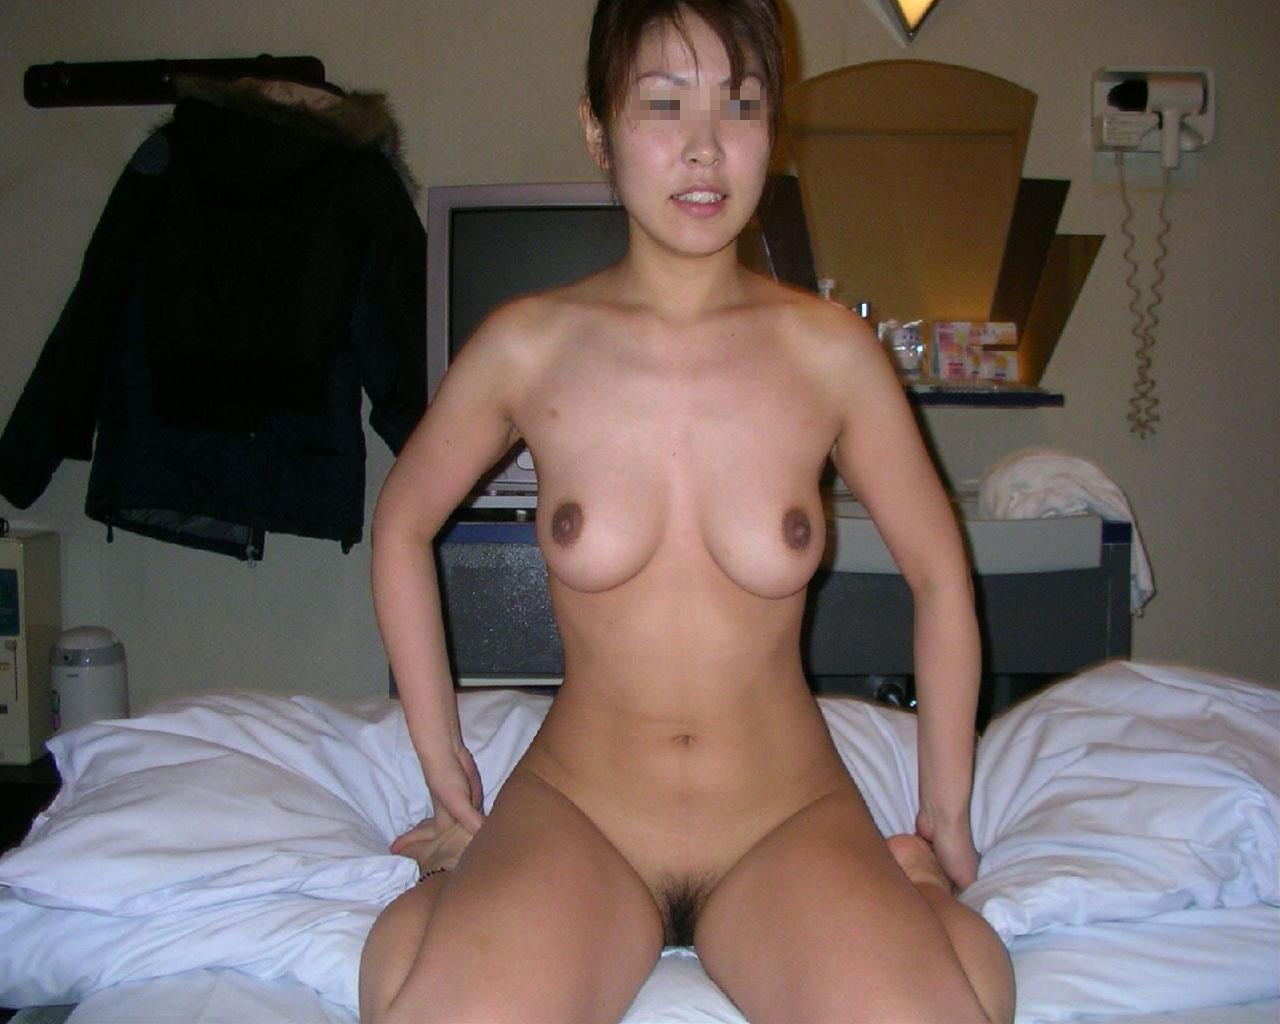 ラブホテルで撮られた彼女の裸 画像 87